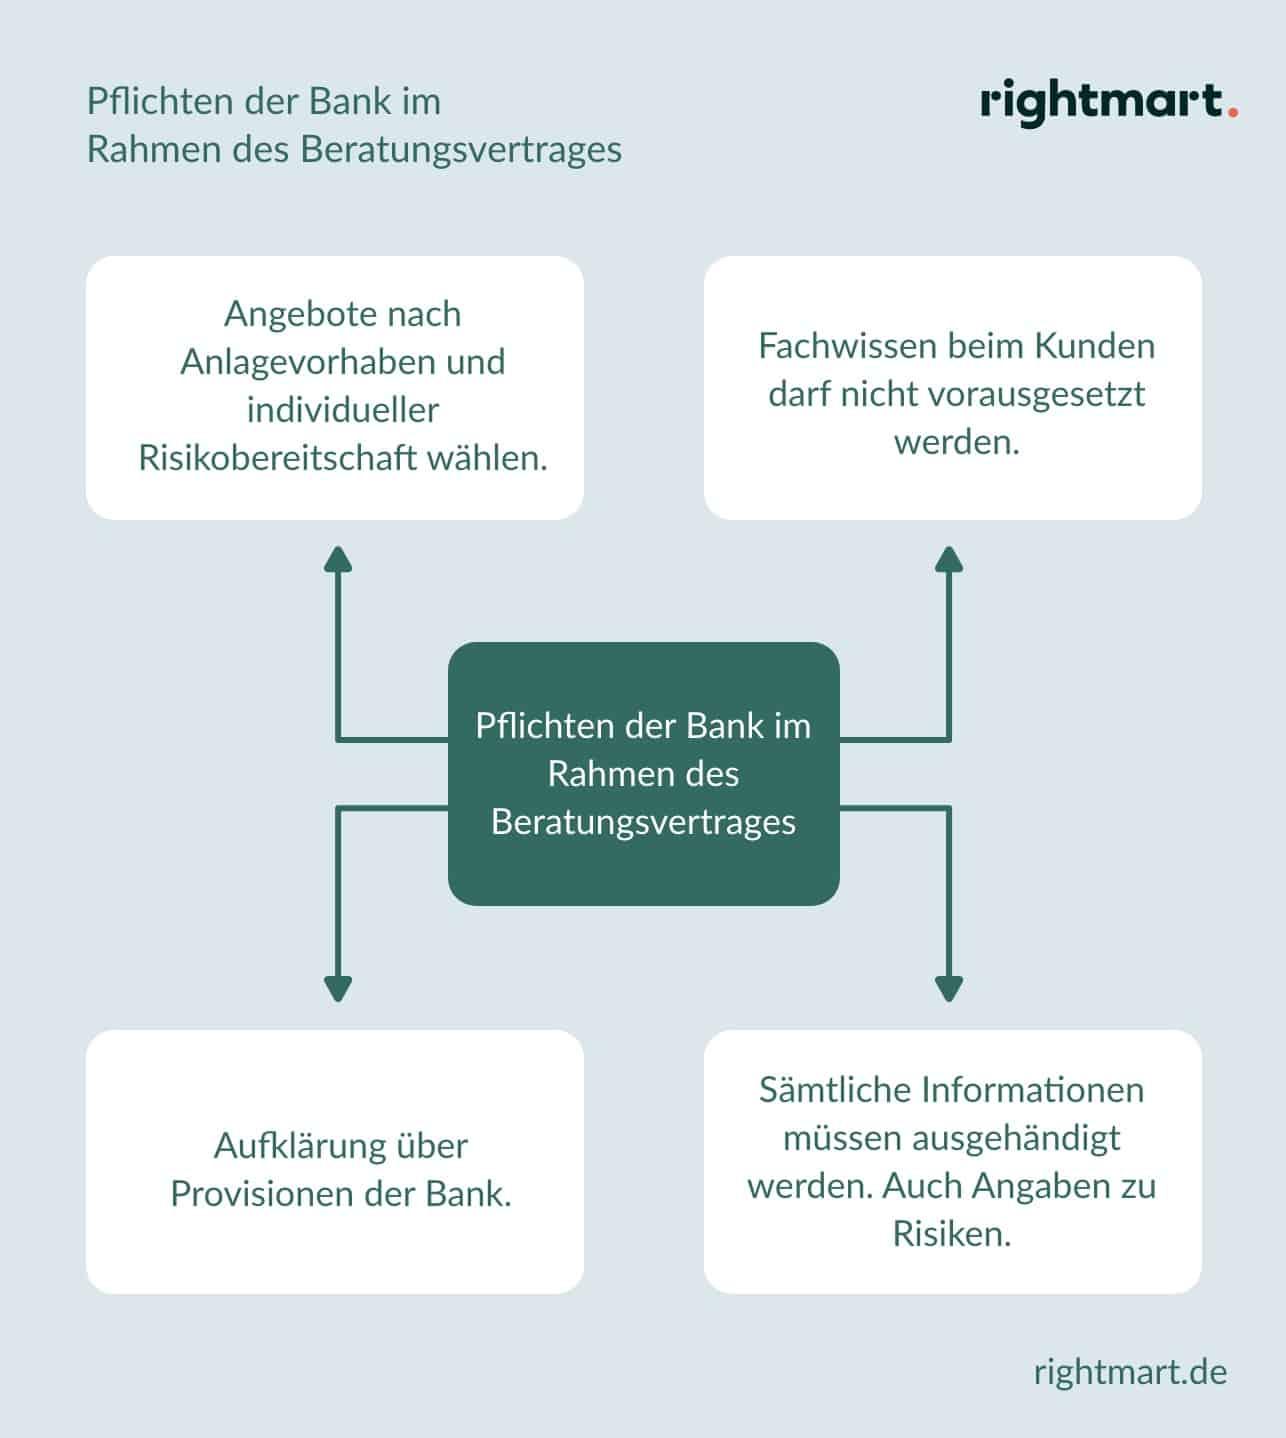 Pflichten der Bank im Beratungsvertrag